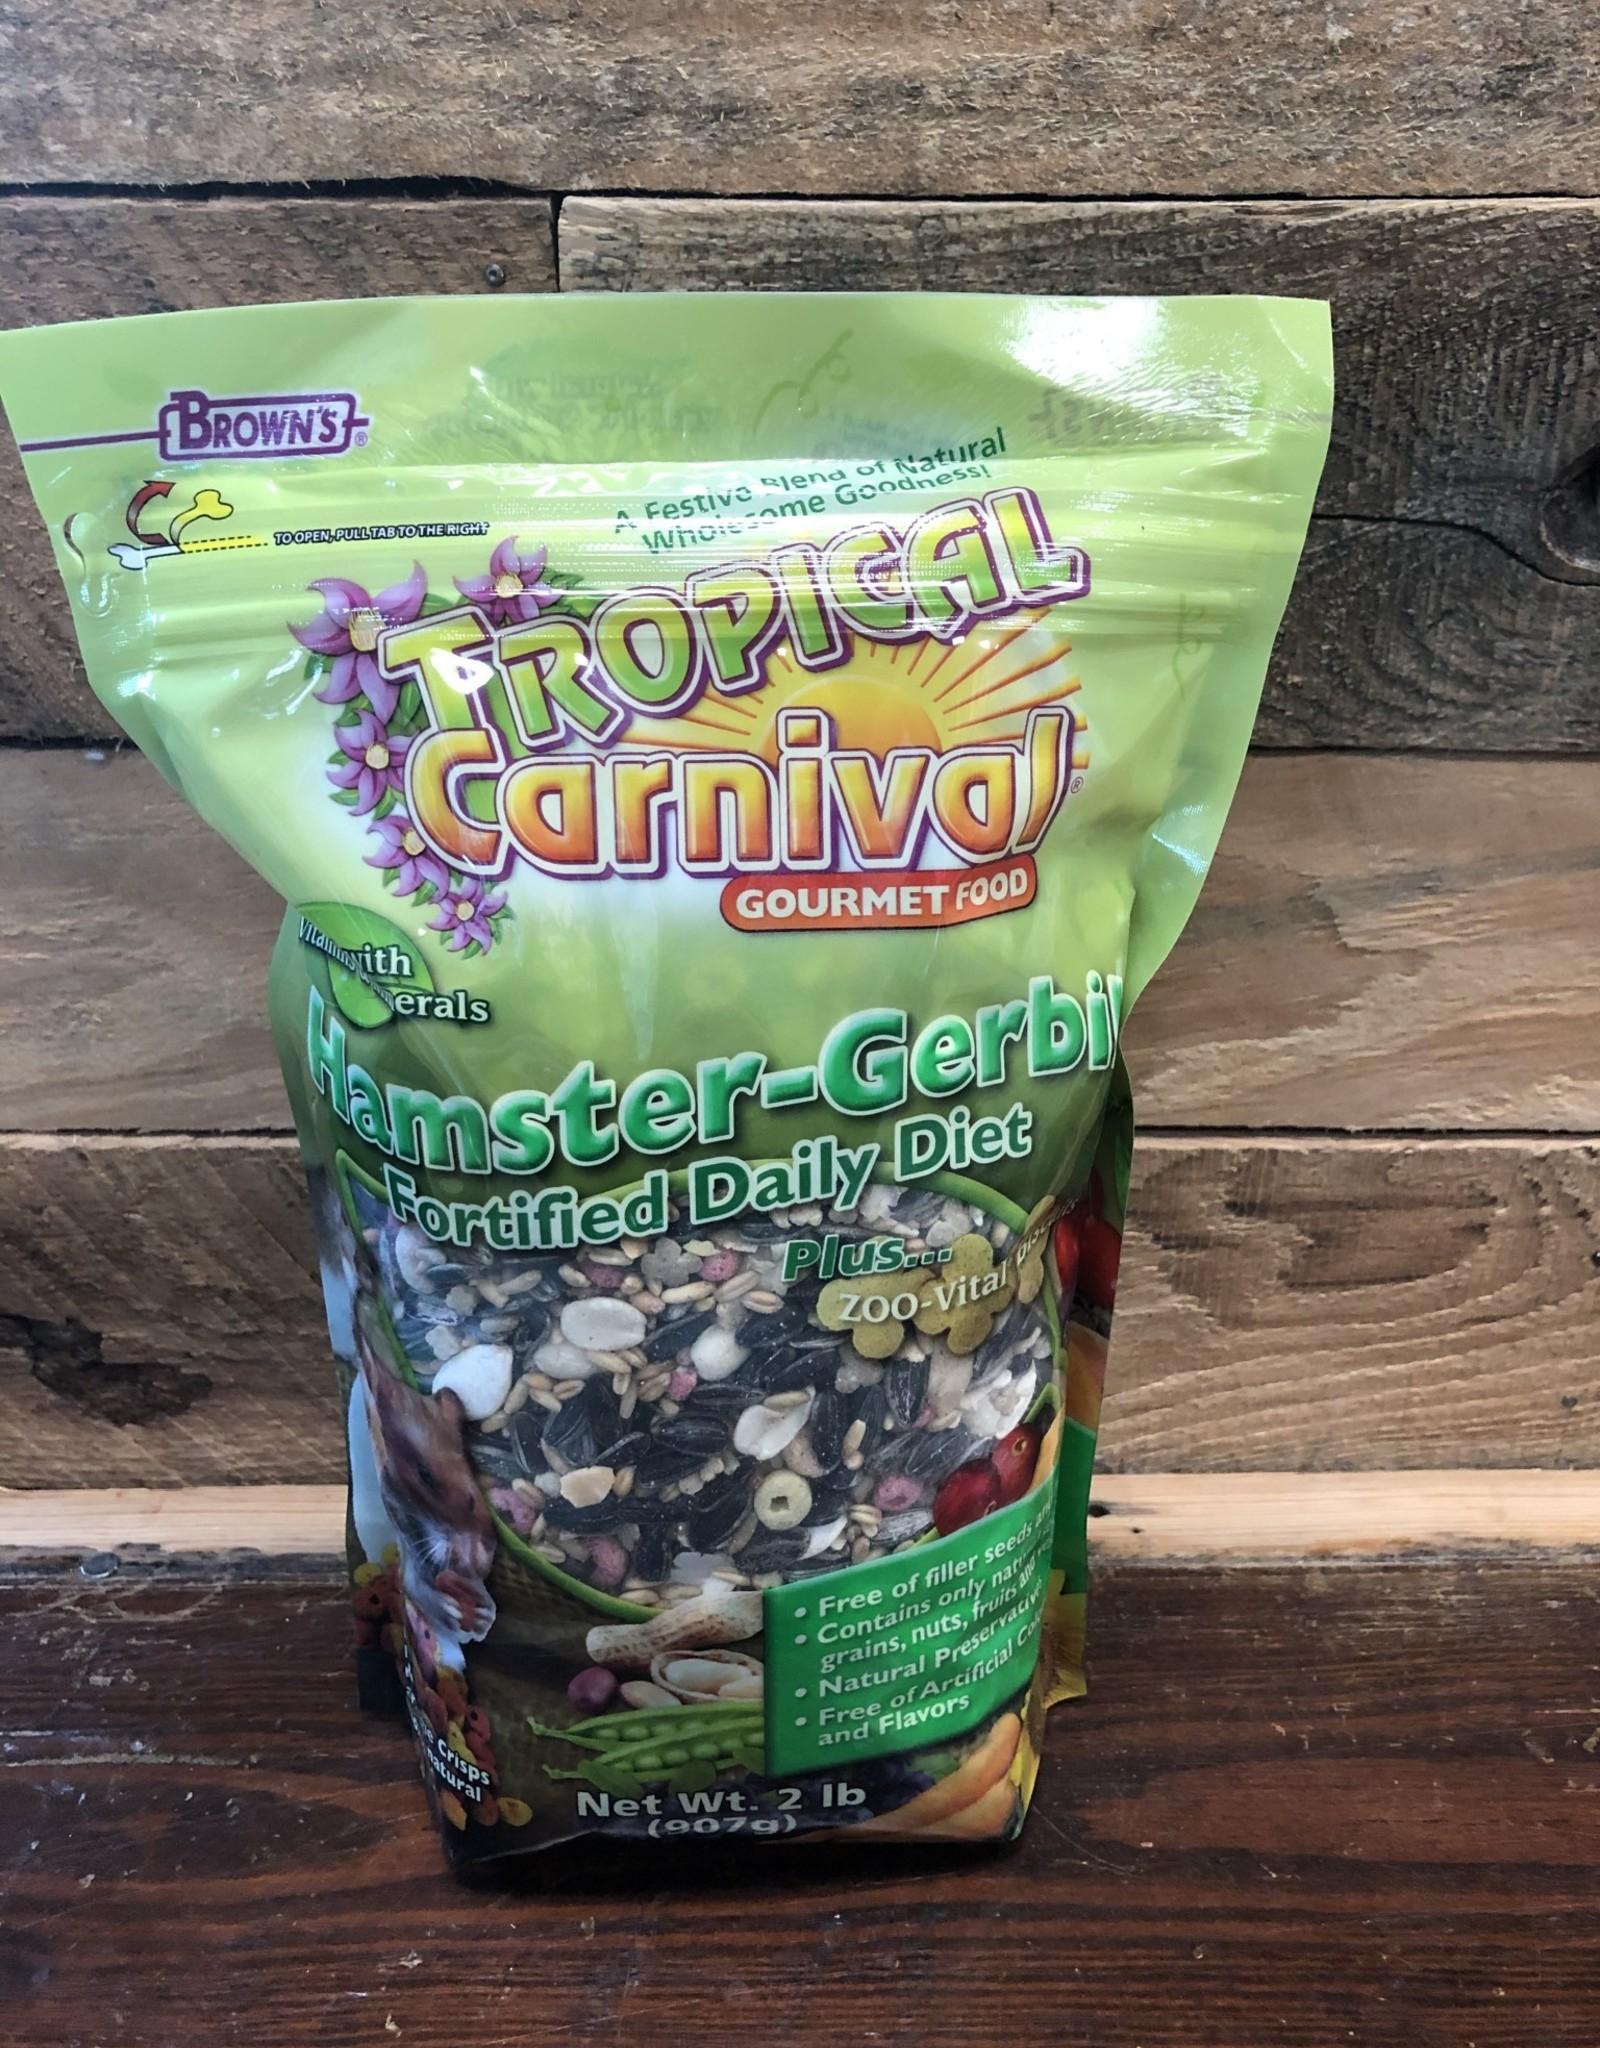 FM Brown 2lb tropical carnival hamster gerbil food